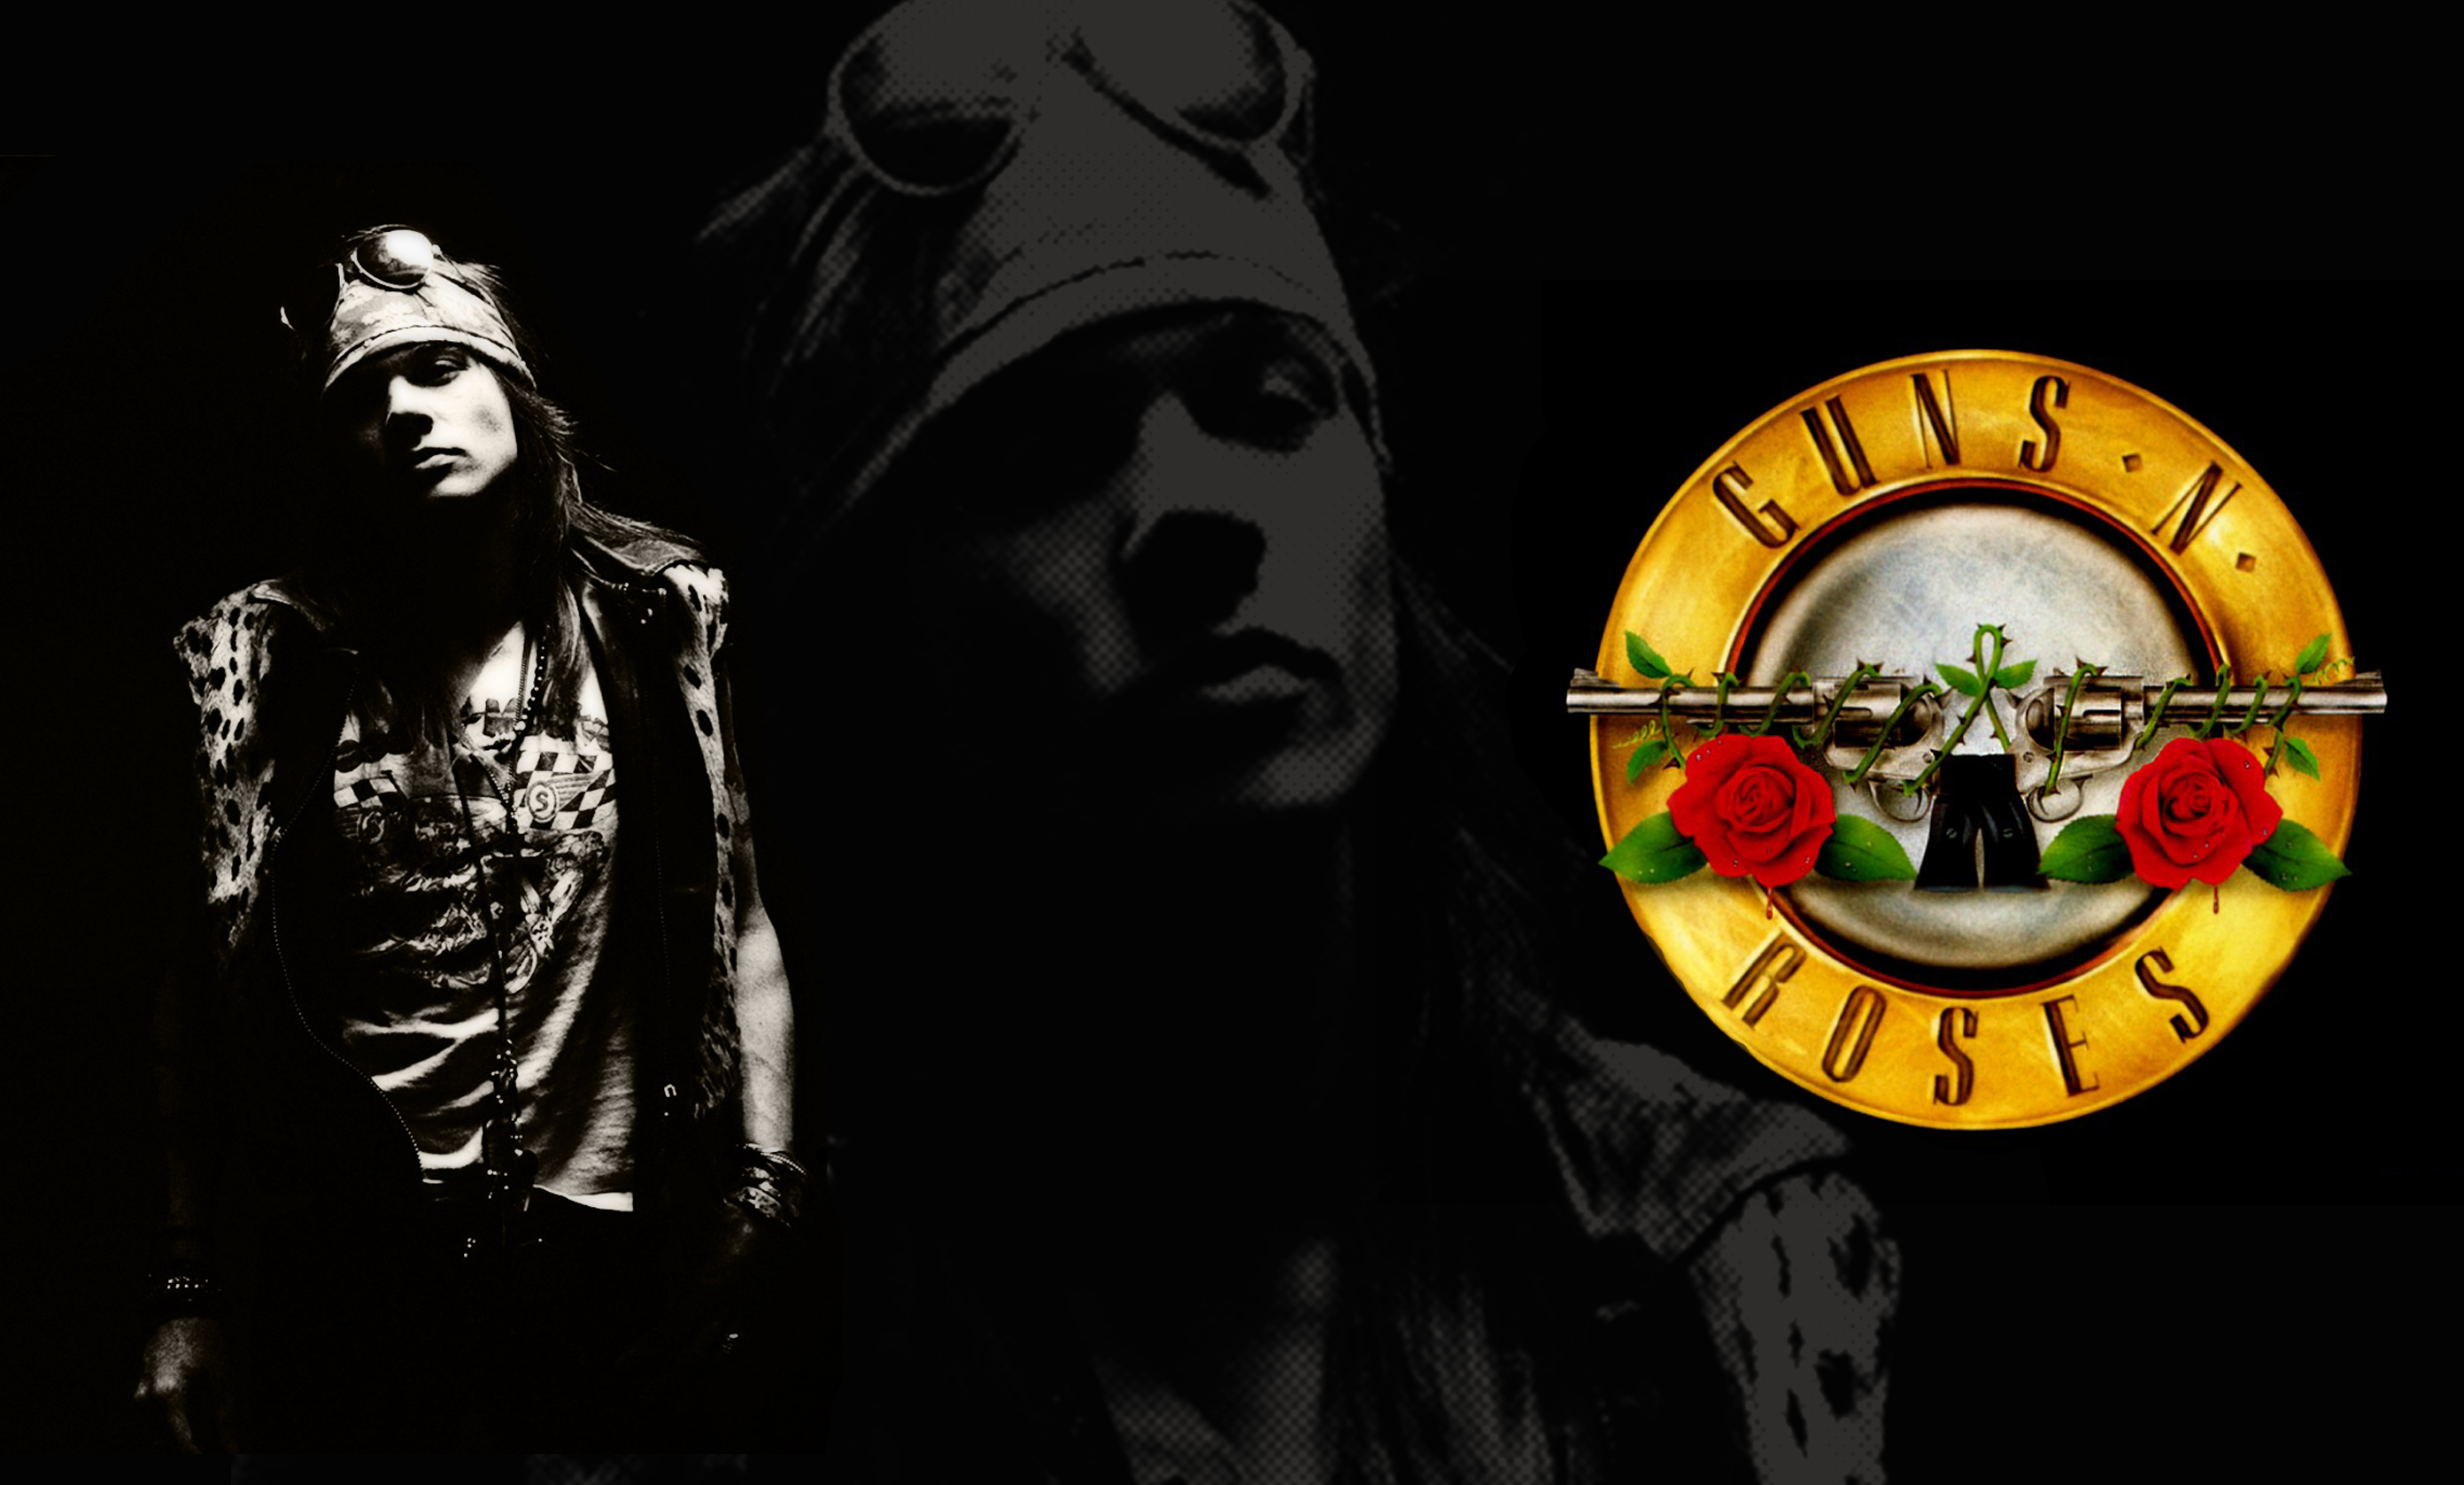 Guns N Roses Wallpapers Music Hq Guns N Roses Pictures: Guns N' Roses HD Wallpaper